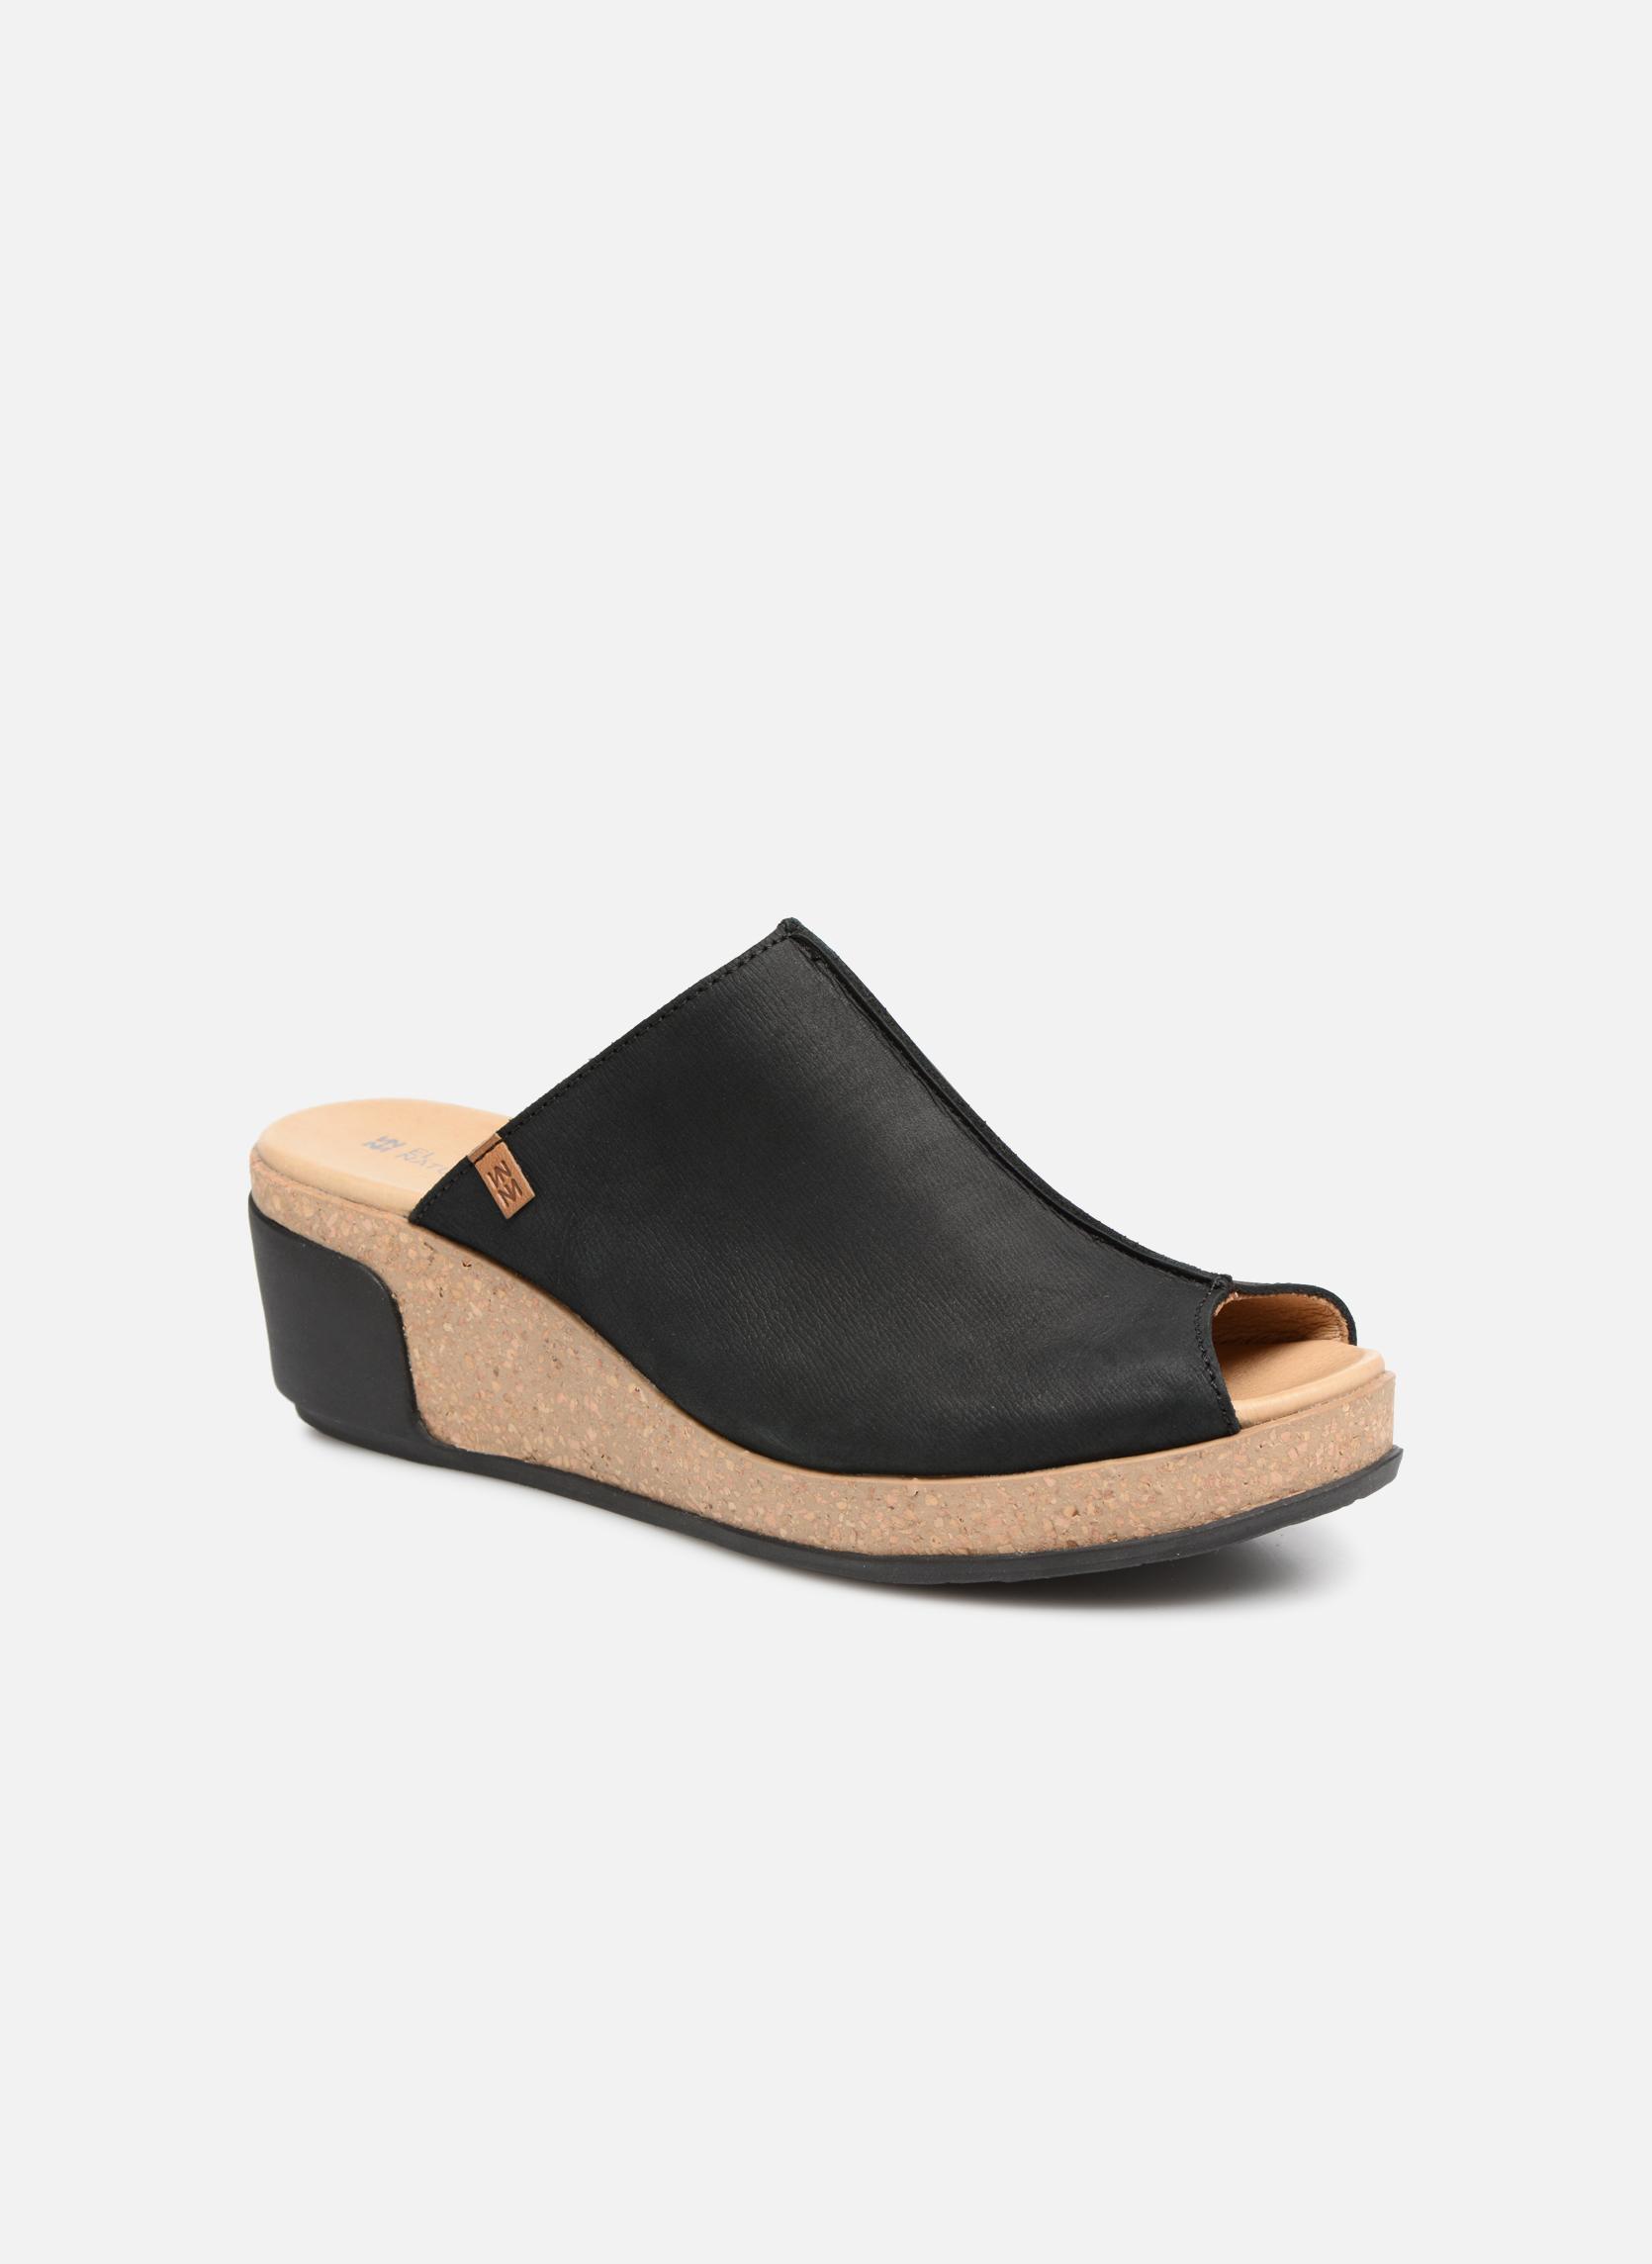 Grandes descuentos últimos - zapatos El Naturalista Leaves N5005 (Negro) - últimos Zuecos Descuento 226017